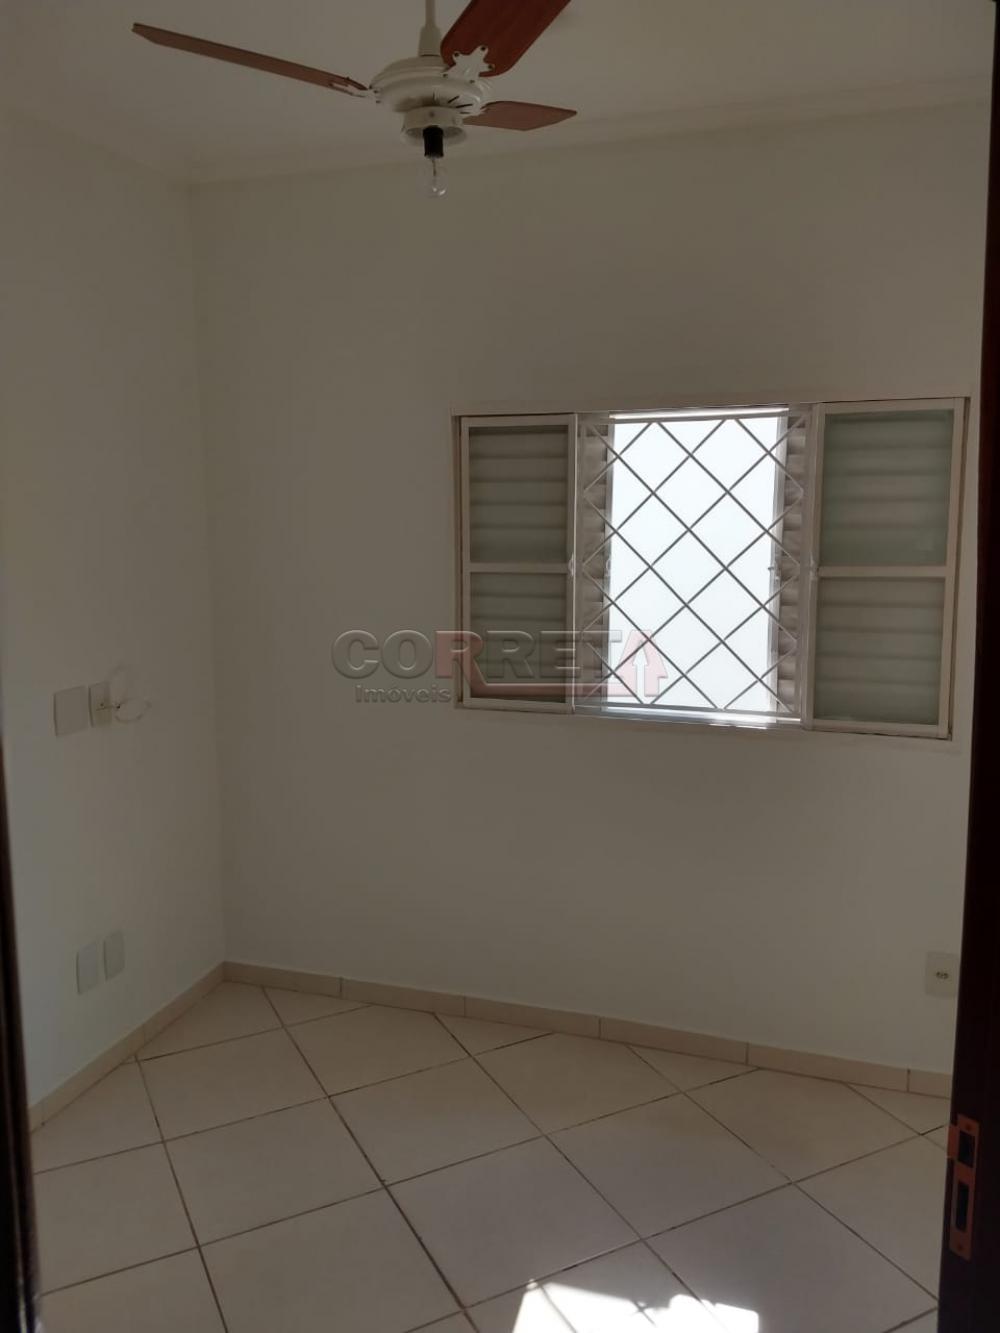 Comprar Casa / Residencial em Araçatuba apenas R$ 280.000,00 - Foto 4